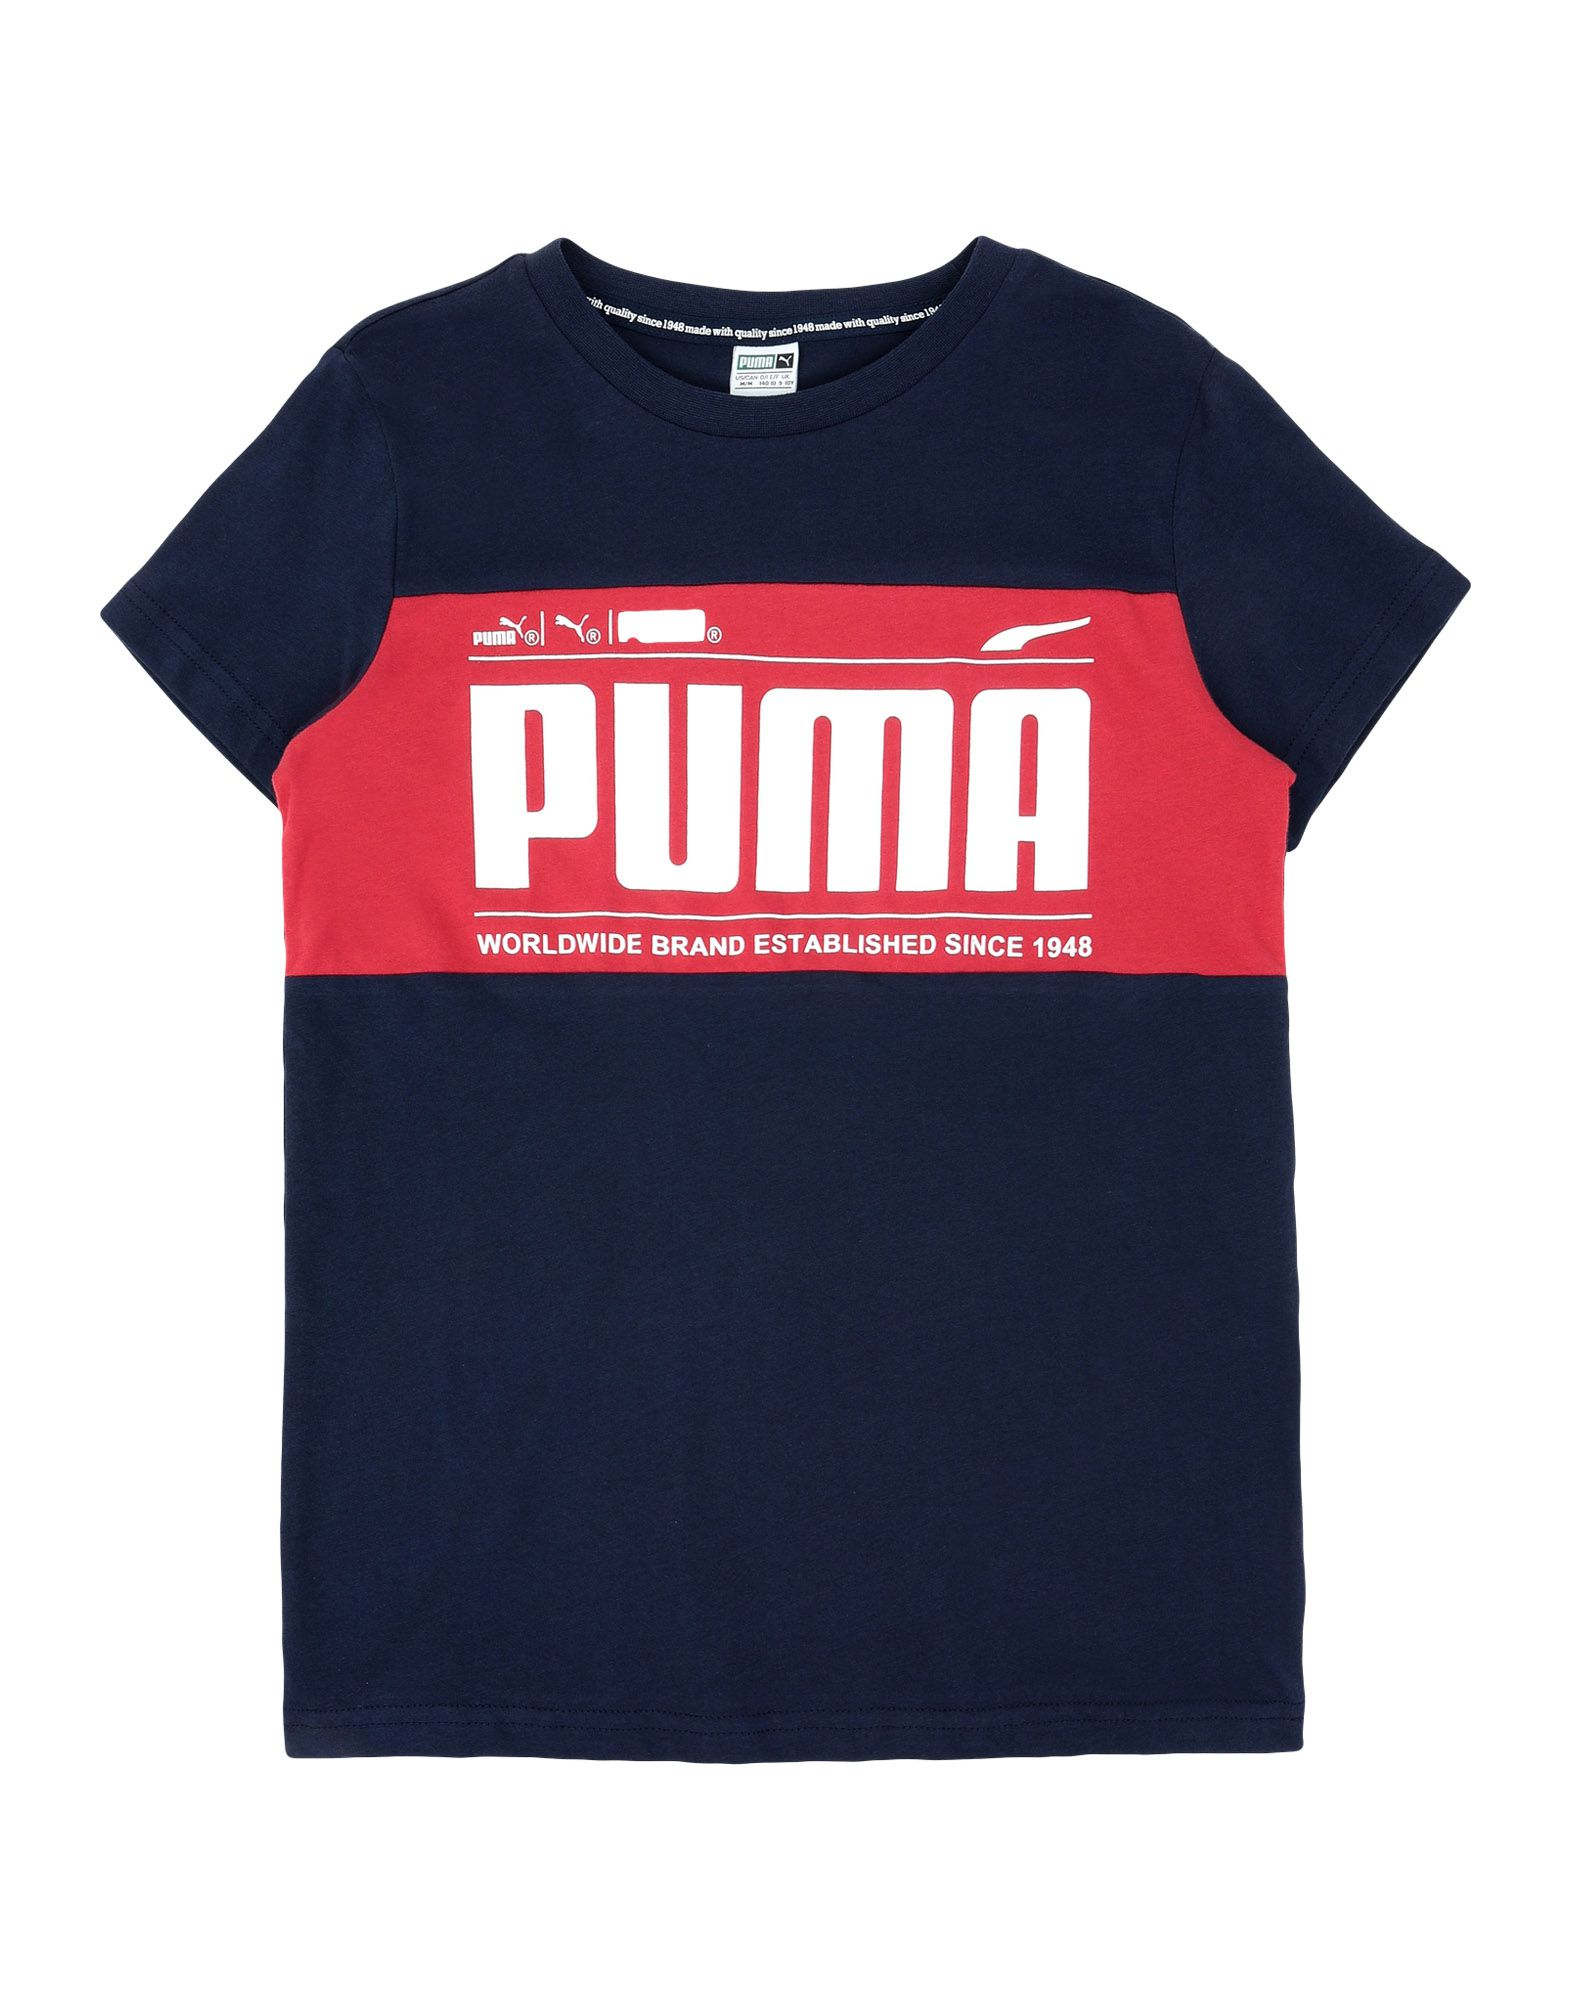 puma established